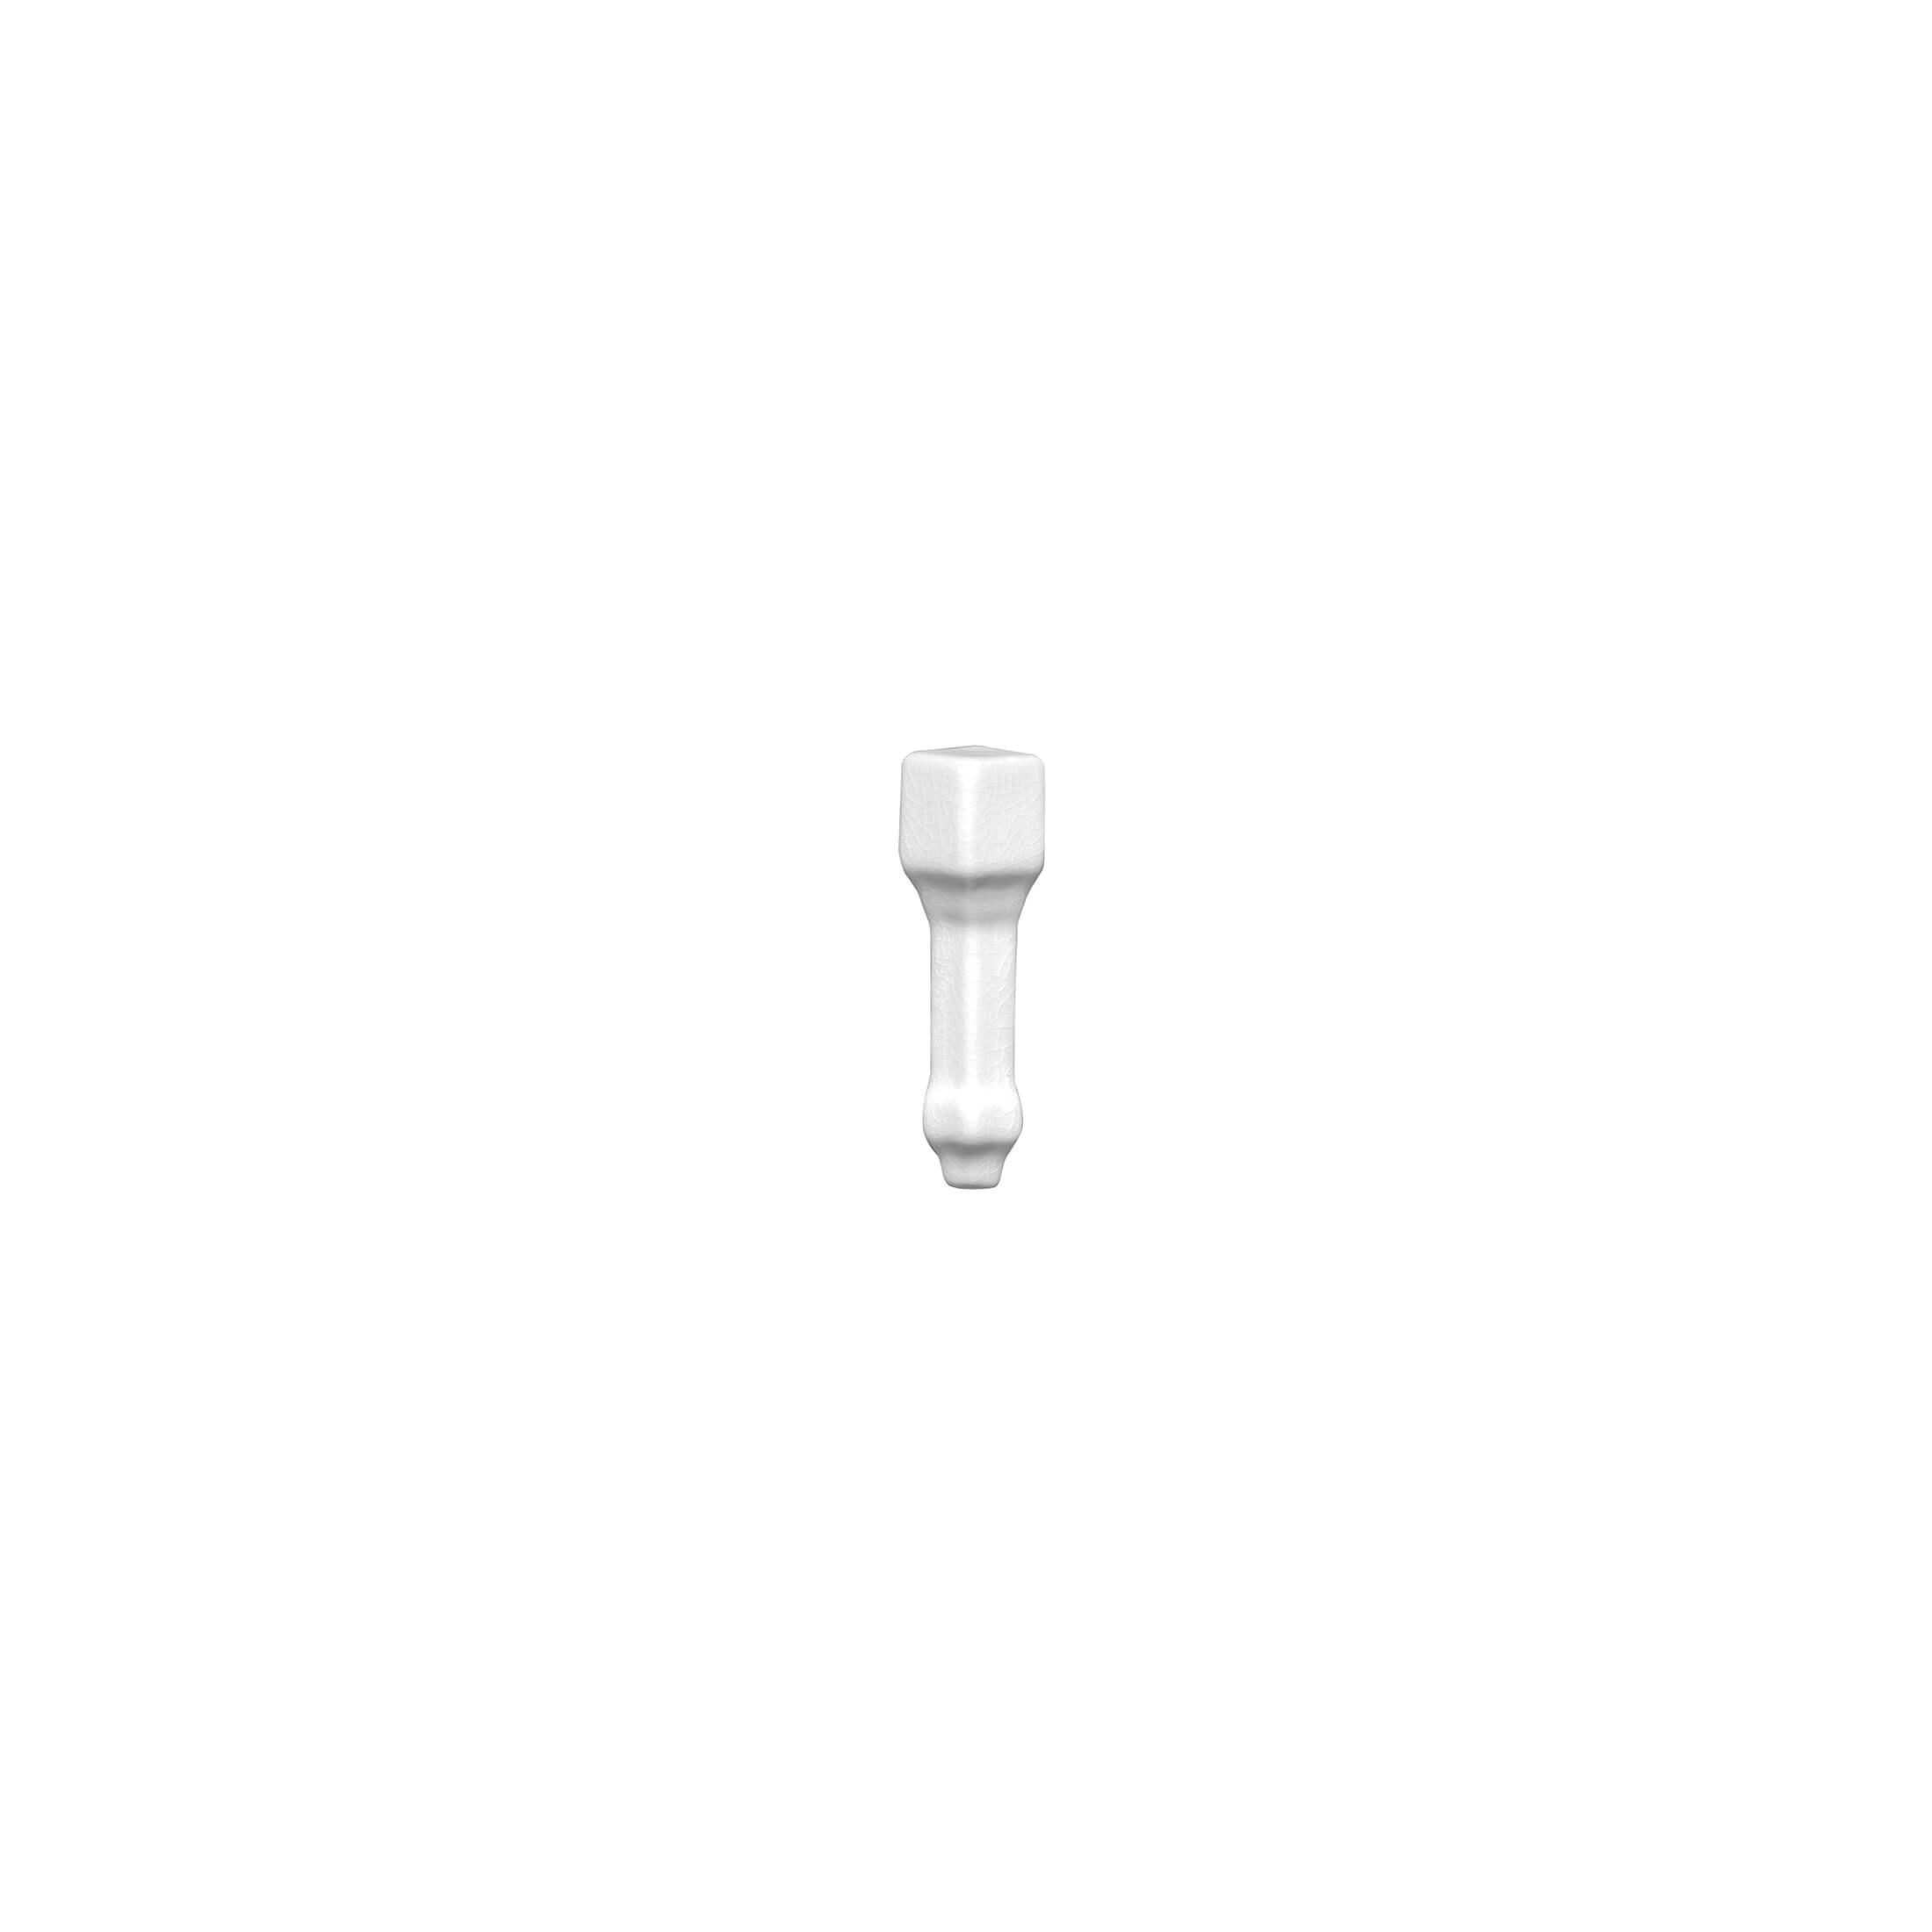 ADMO5343 - ANGULO EXTERIOR CORNISA CLASICA C/C - 7.5 cm X 15 cm